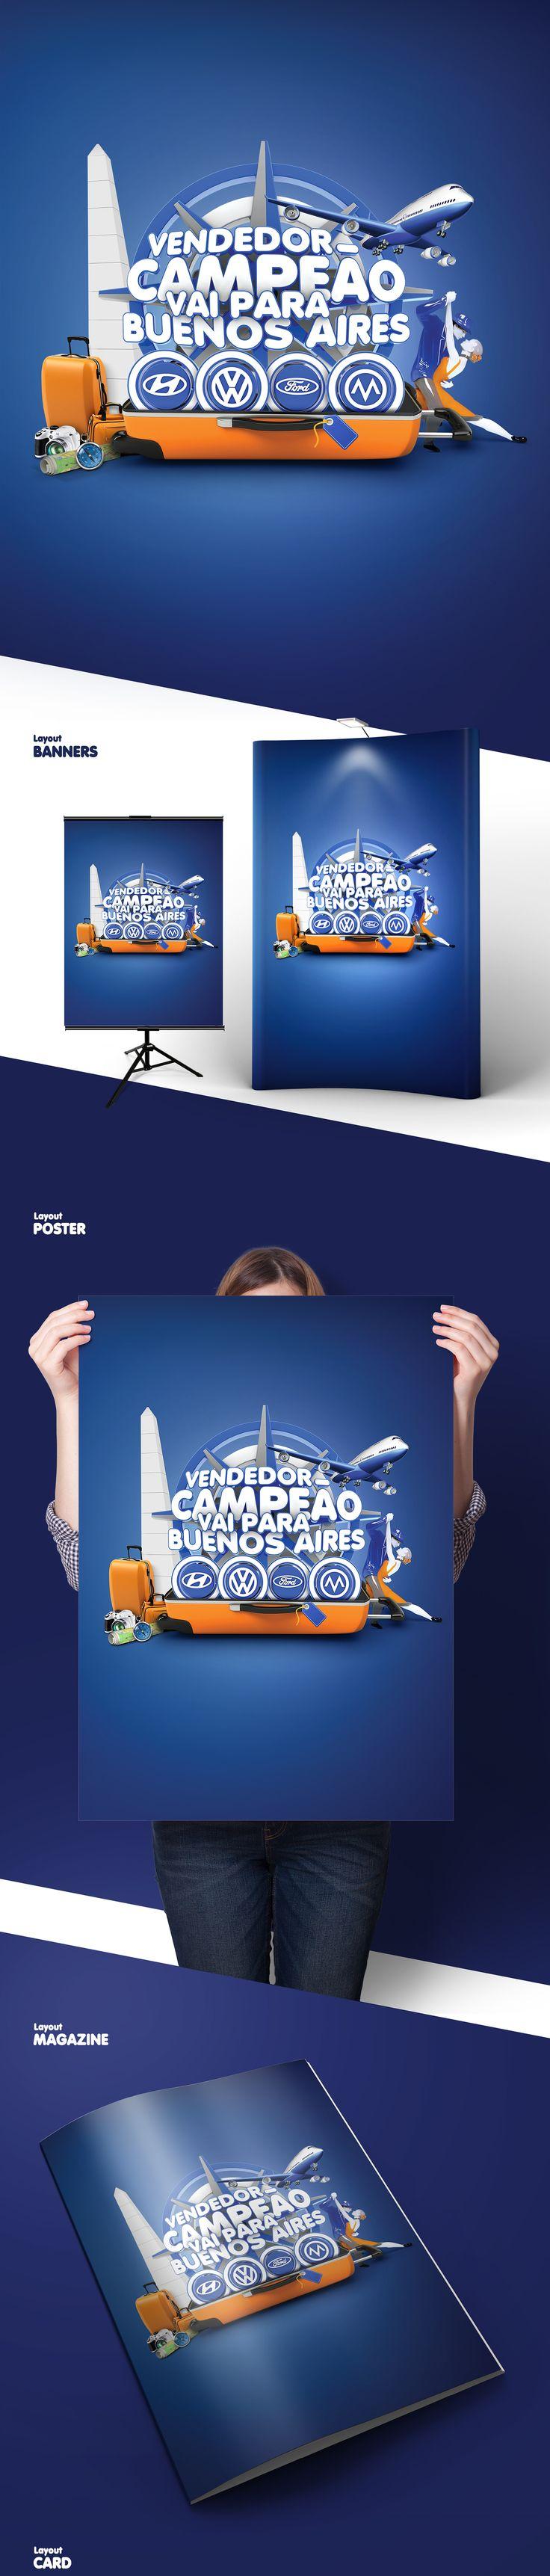 Grupo Novo Norte - Campanha Vendedor Campeão on Behance